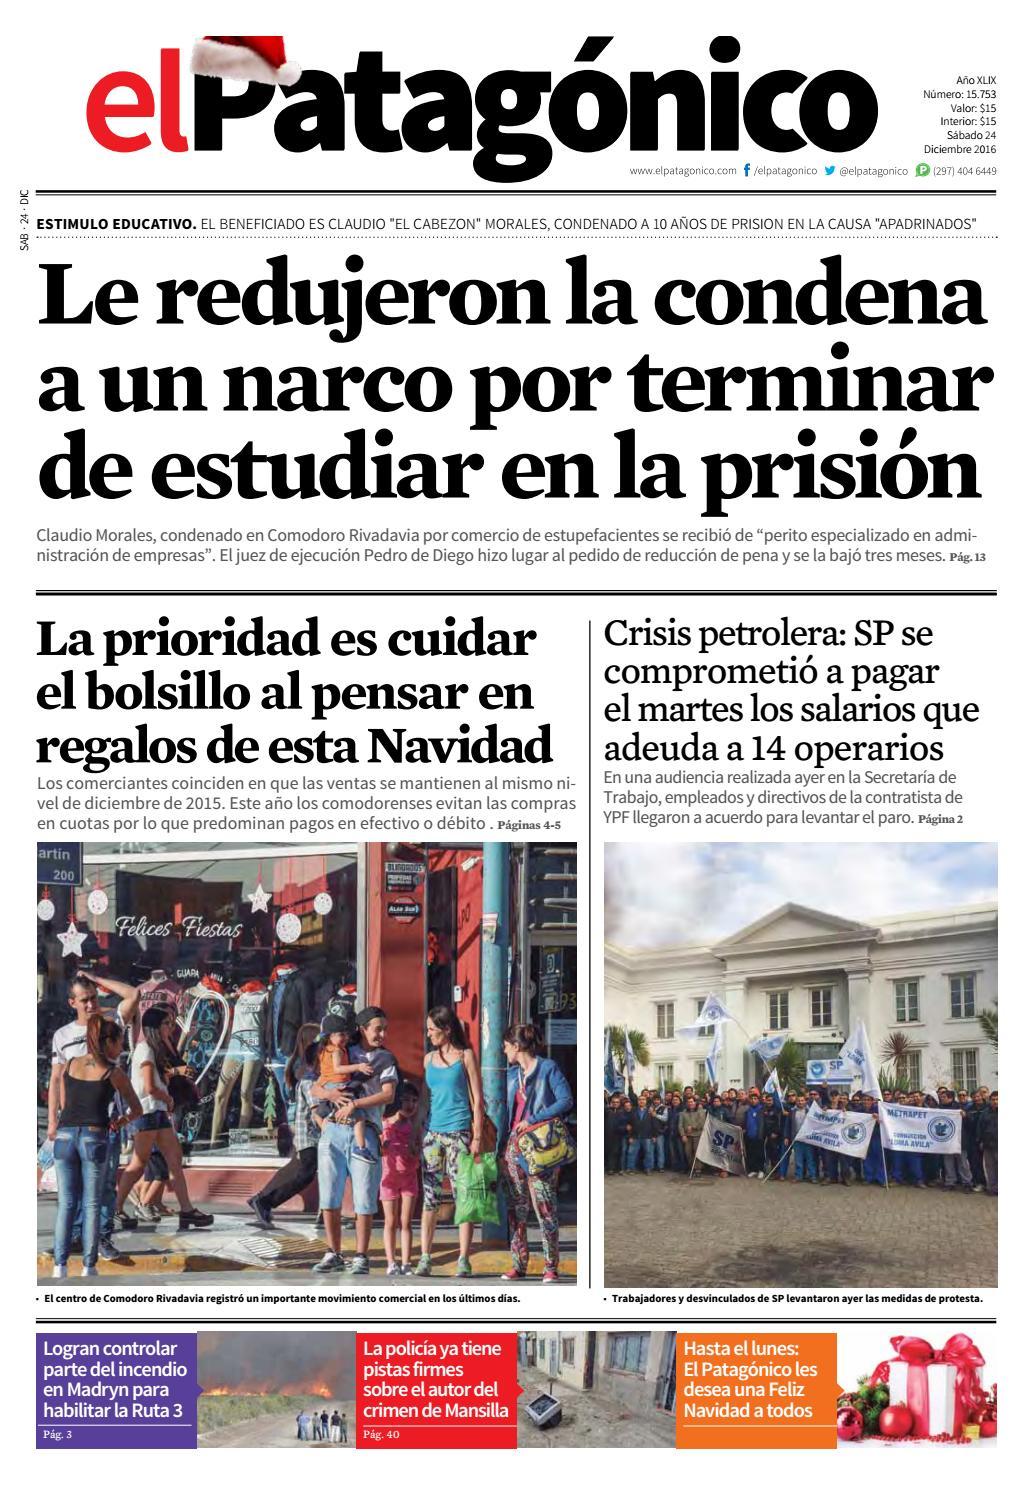 edicion231223122016.pdf by El Patagonico - issuu 75fe78b9e33